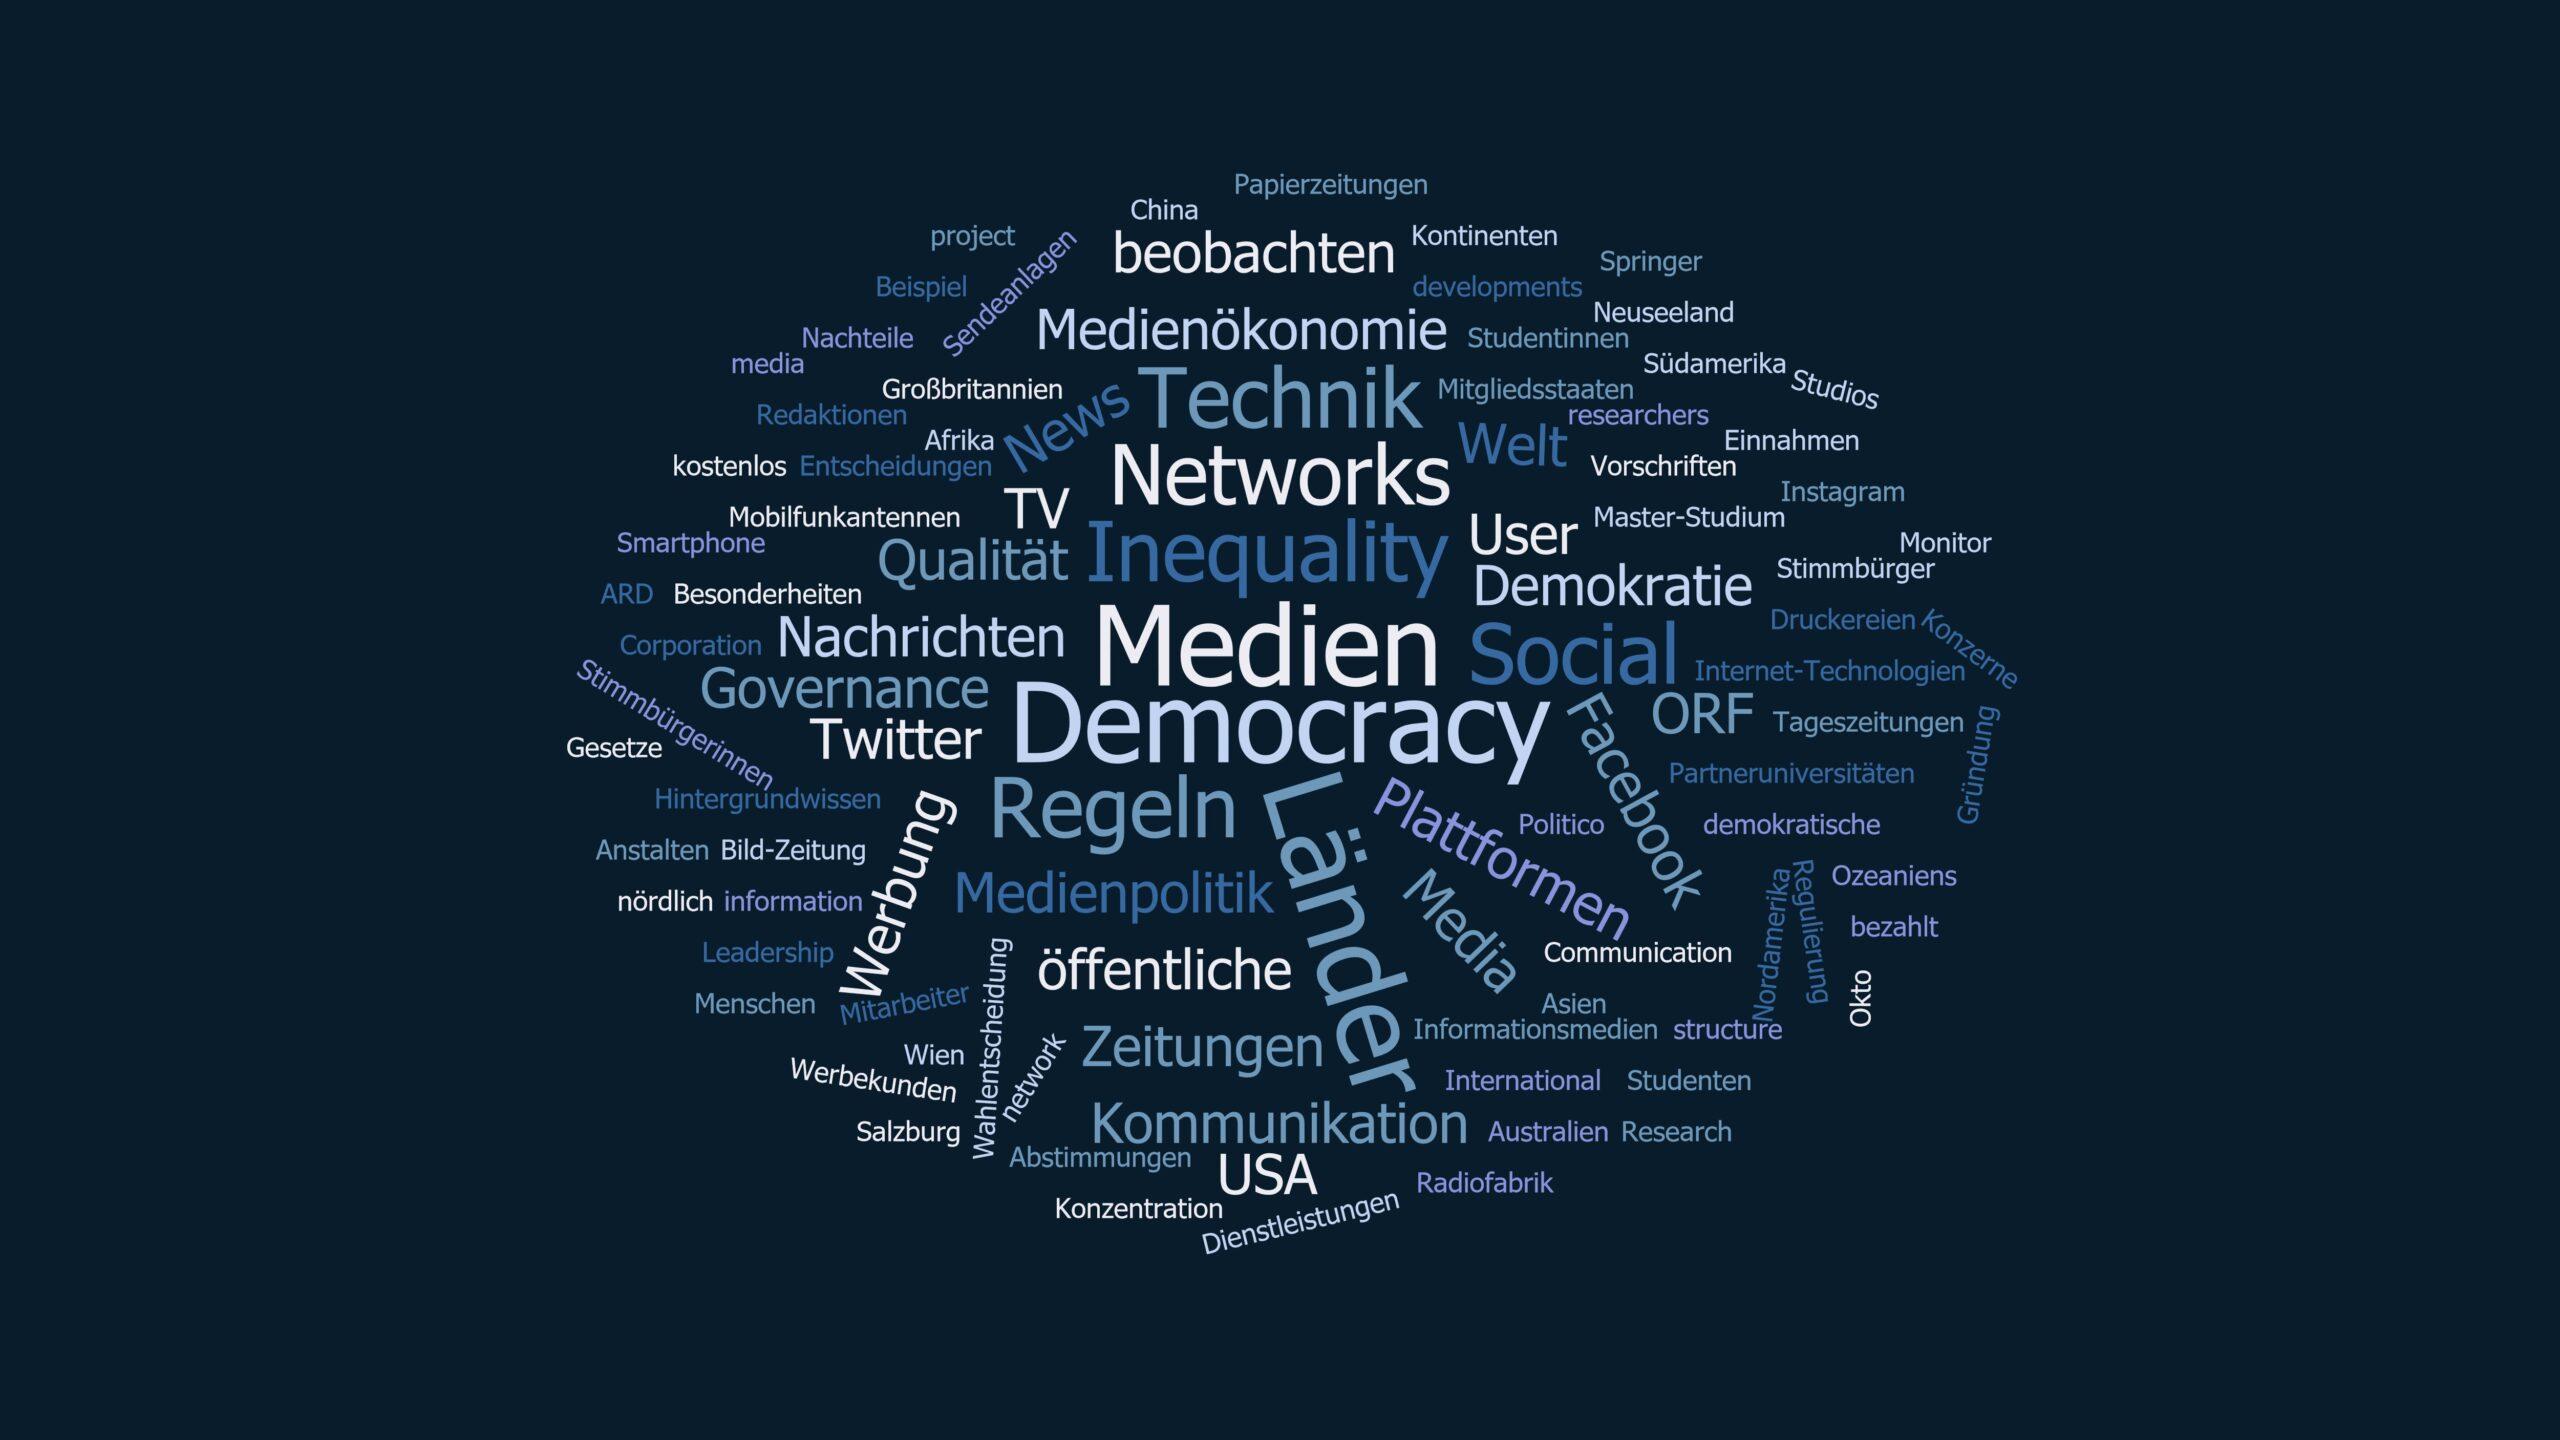 Abteilung Medienpolitik und Medienökonomie